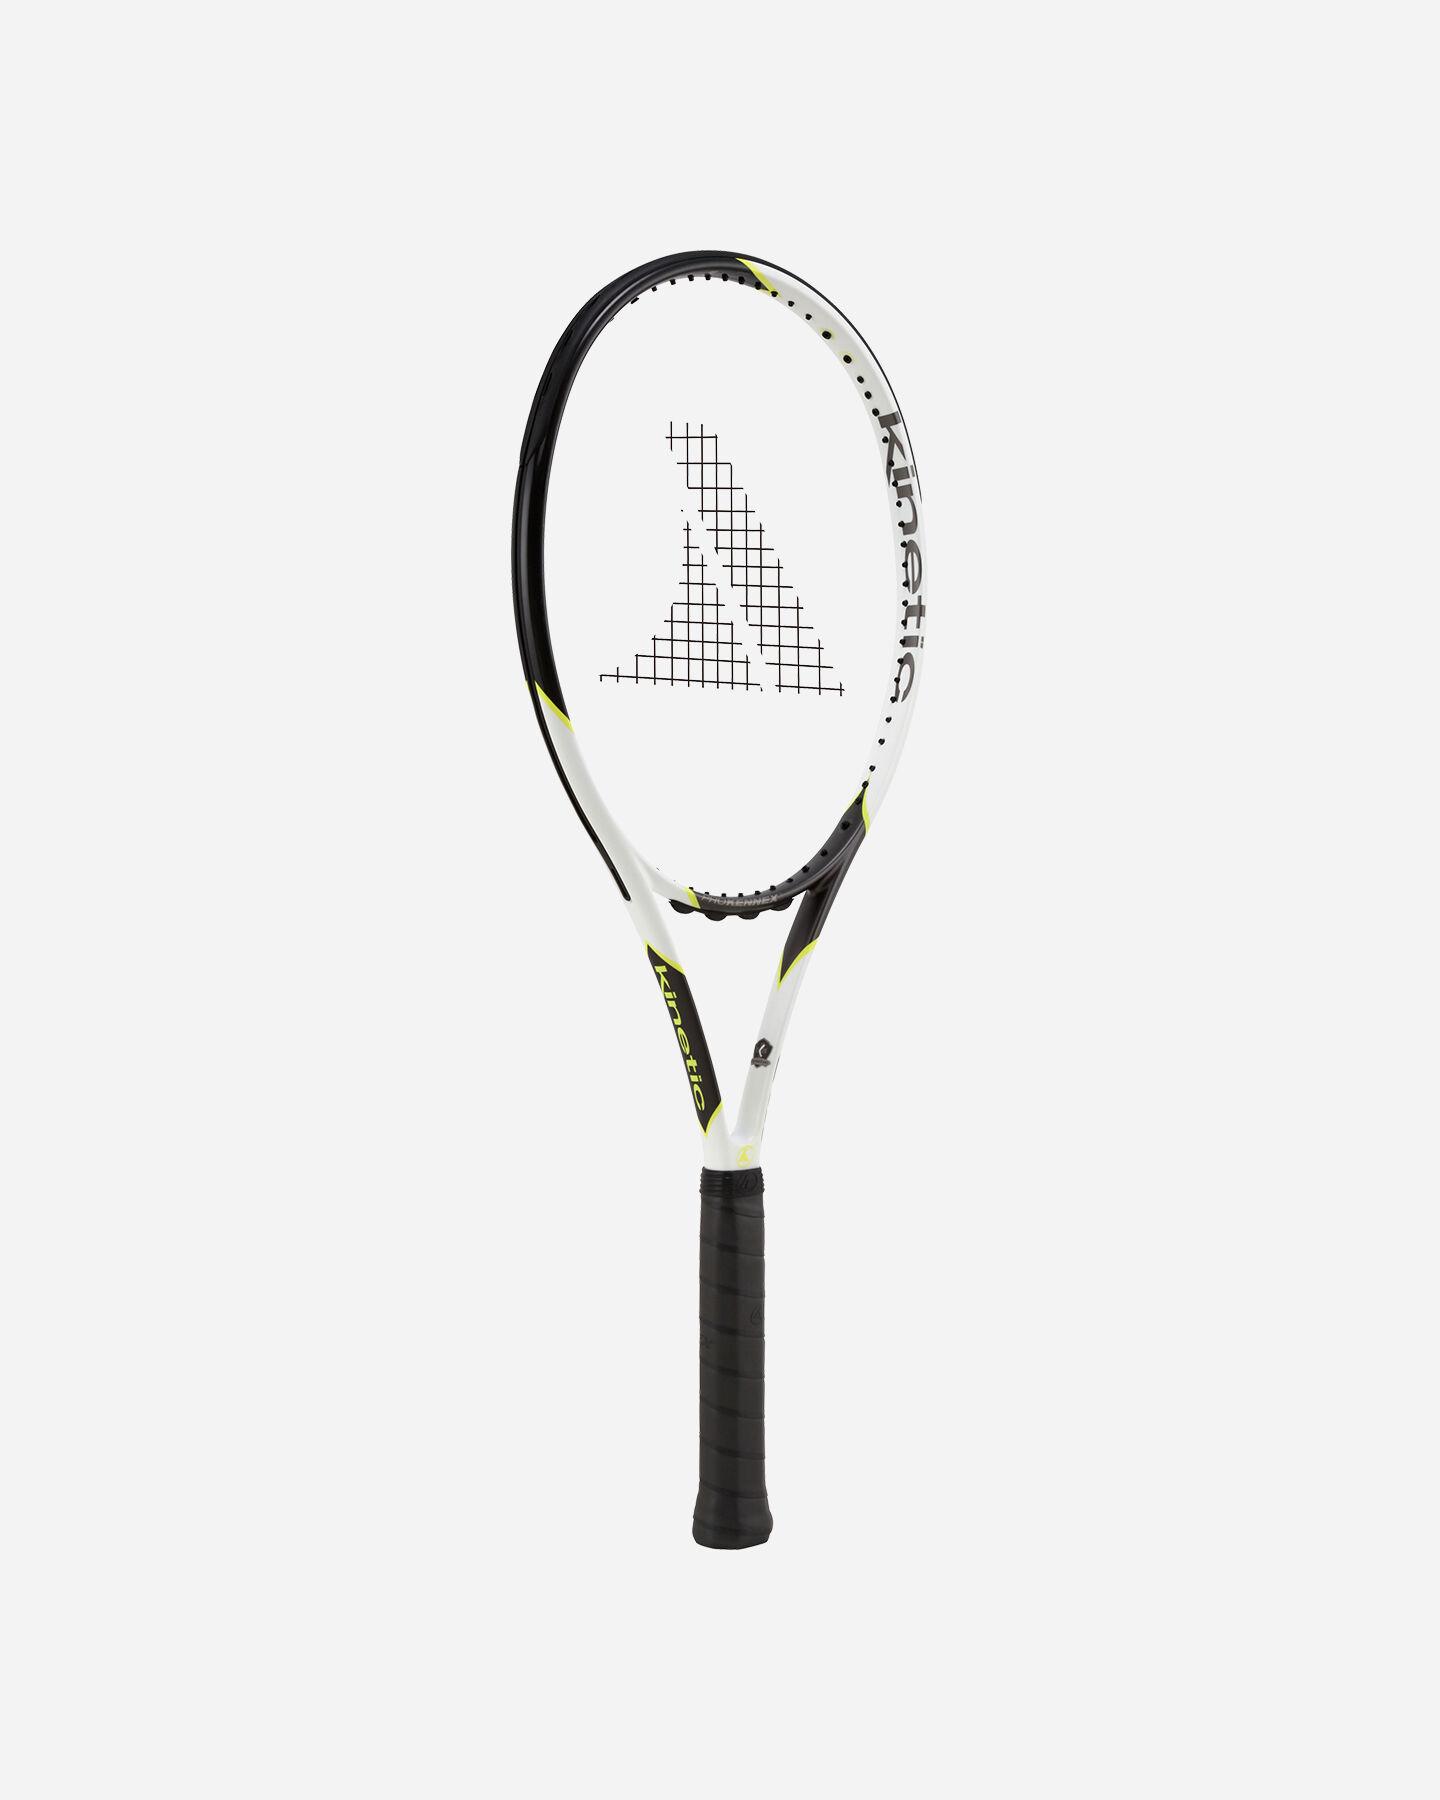 Telaio tennis PRO KENNEX KI 5 300 S4078985 scatto 2